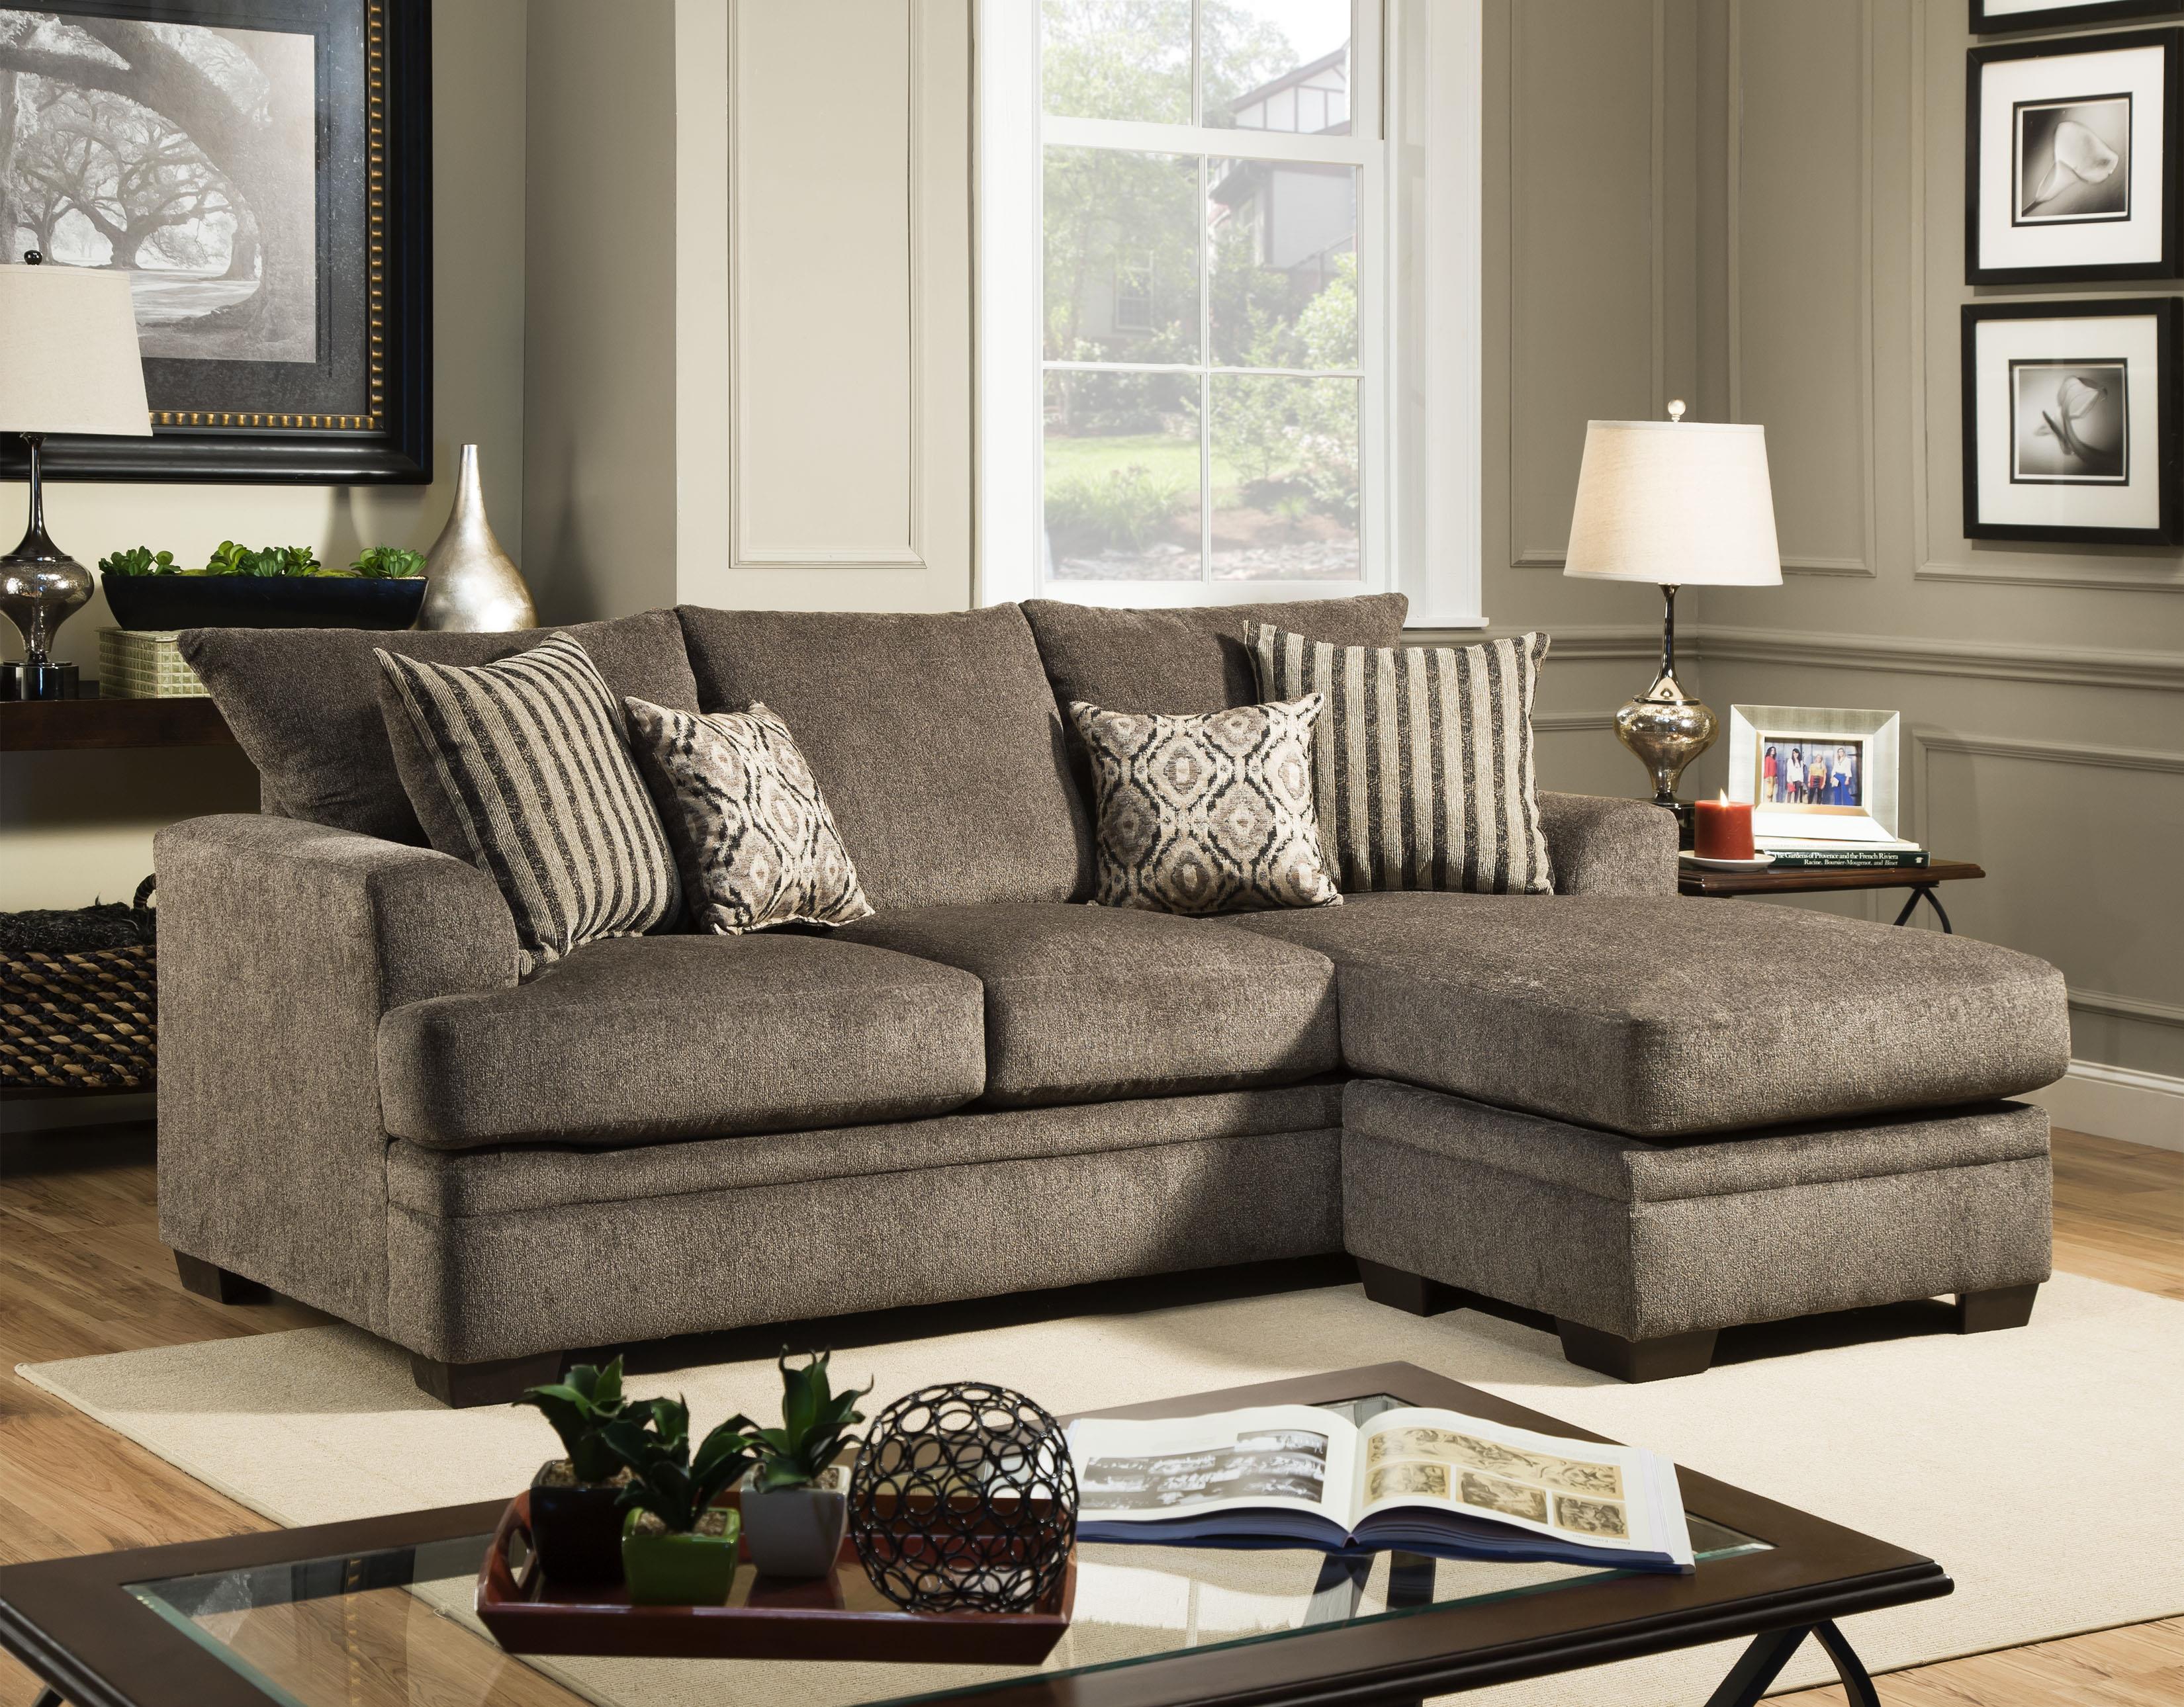 Lehigh  Sofa Chaise by Vendor 610 at Becker Furniture